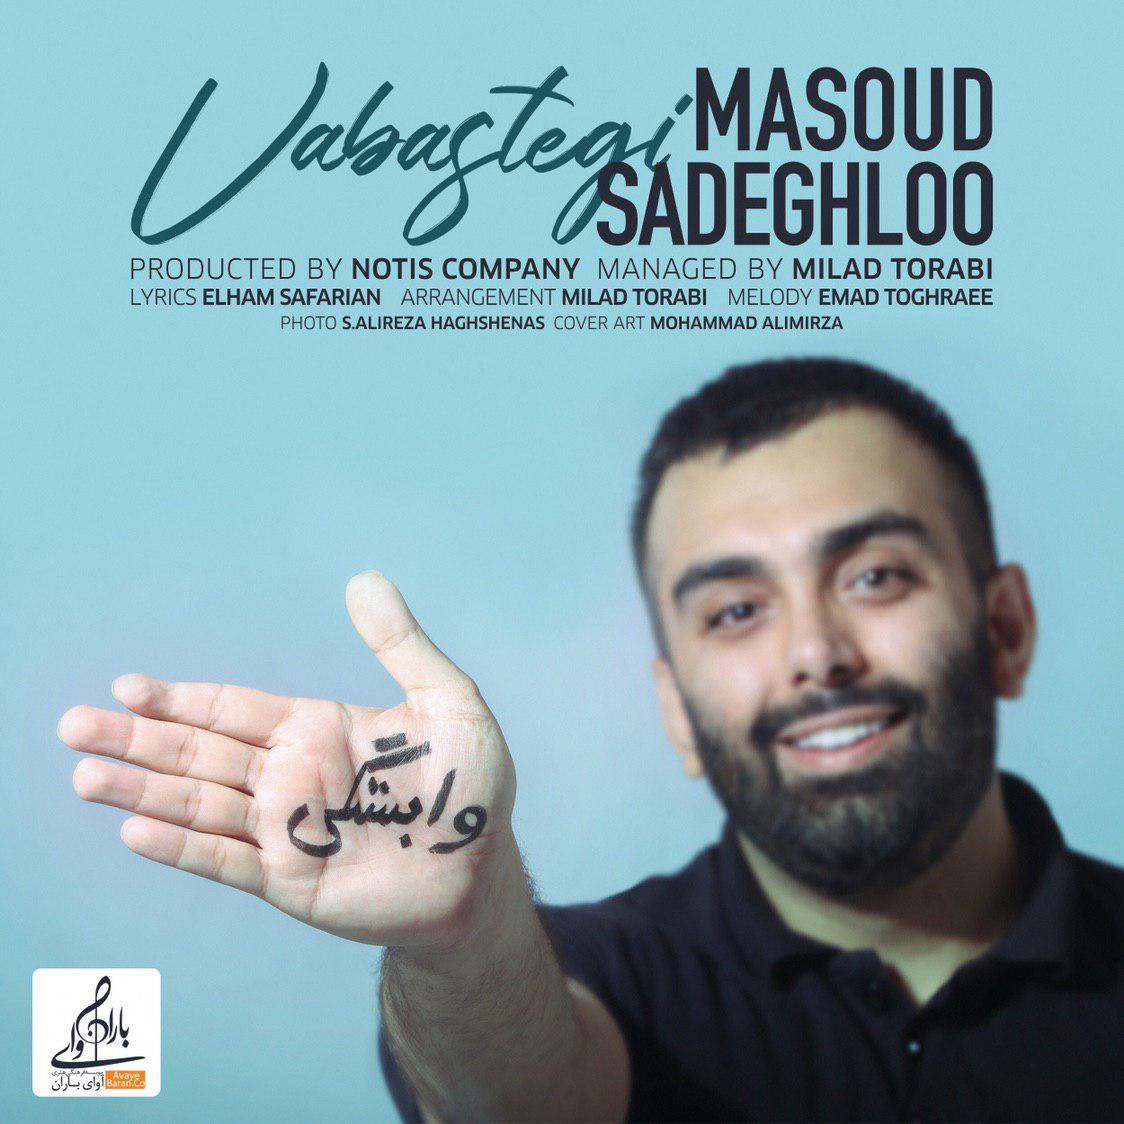 آهنگ جدید مسعود قاصدلو با نام وابستگی را دانلود کنید